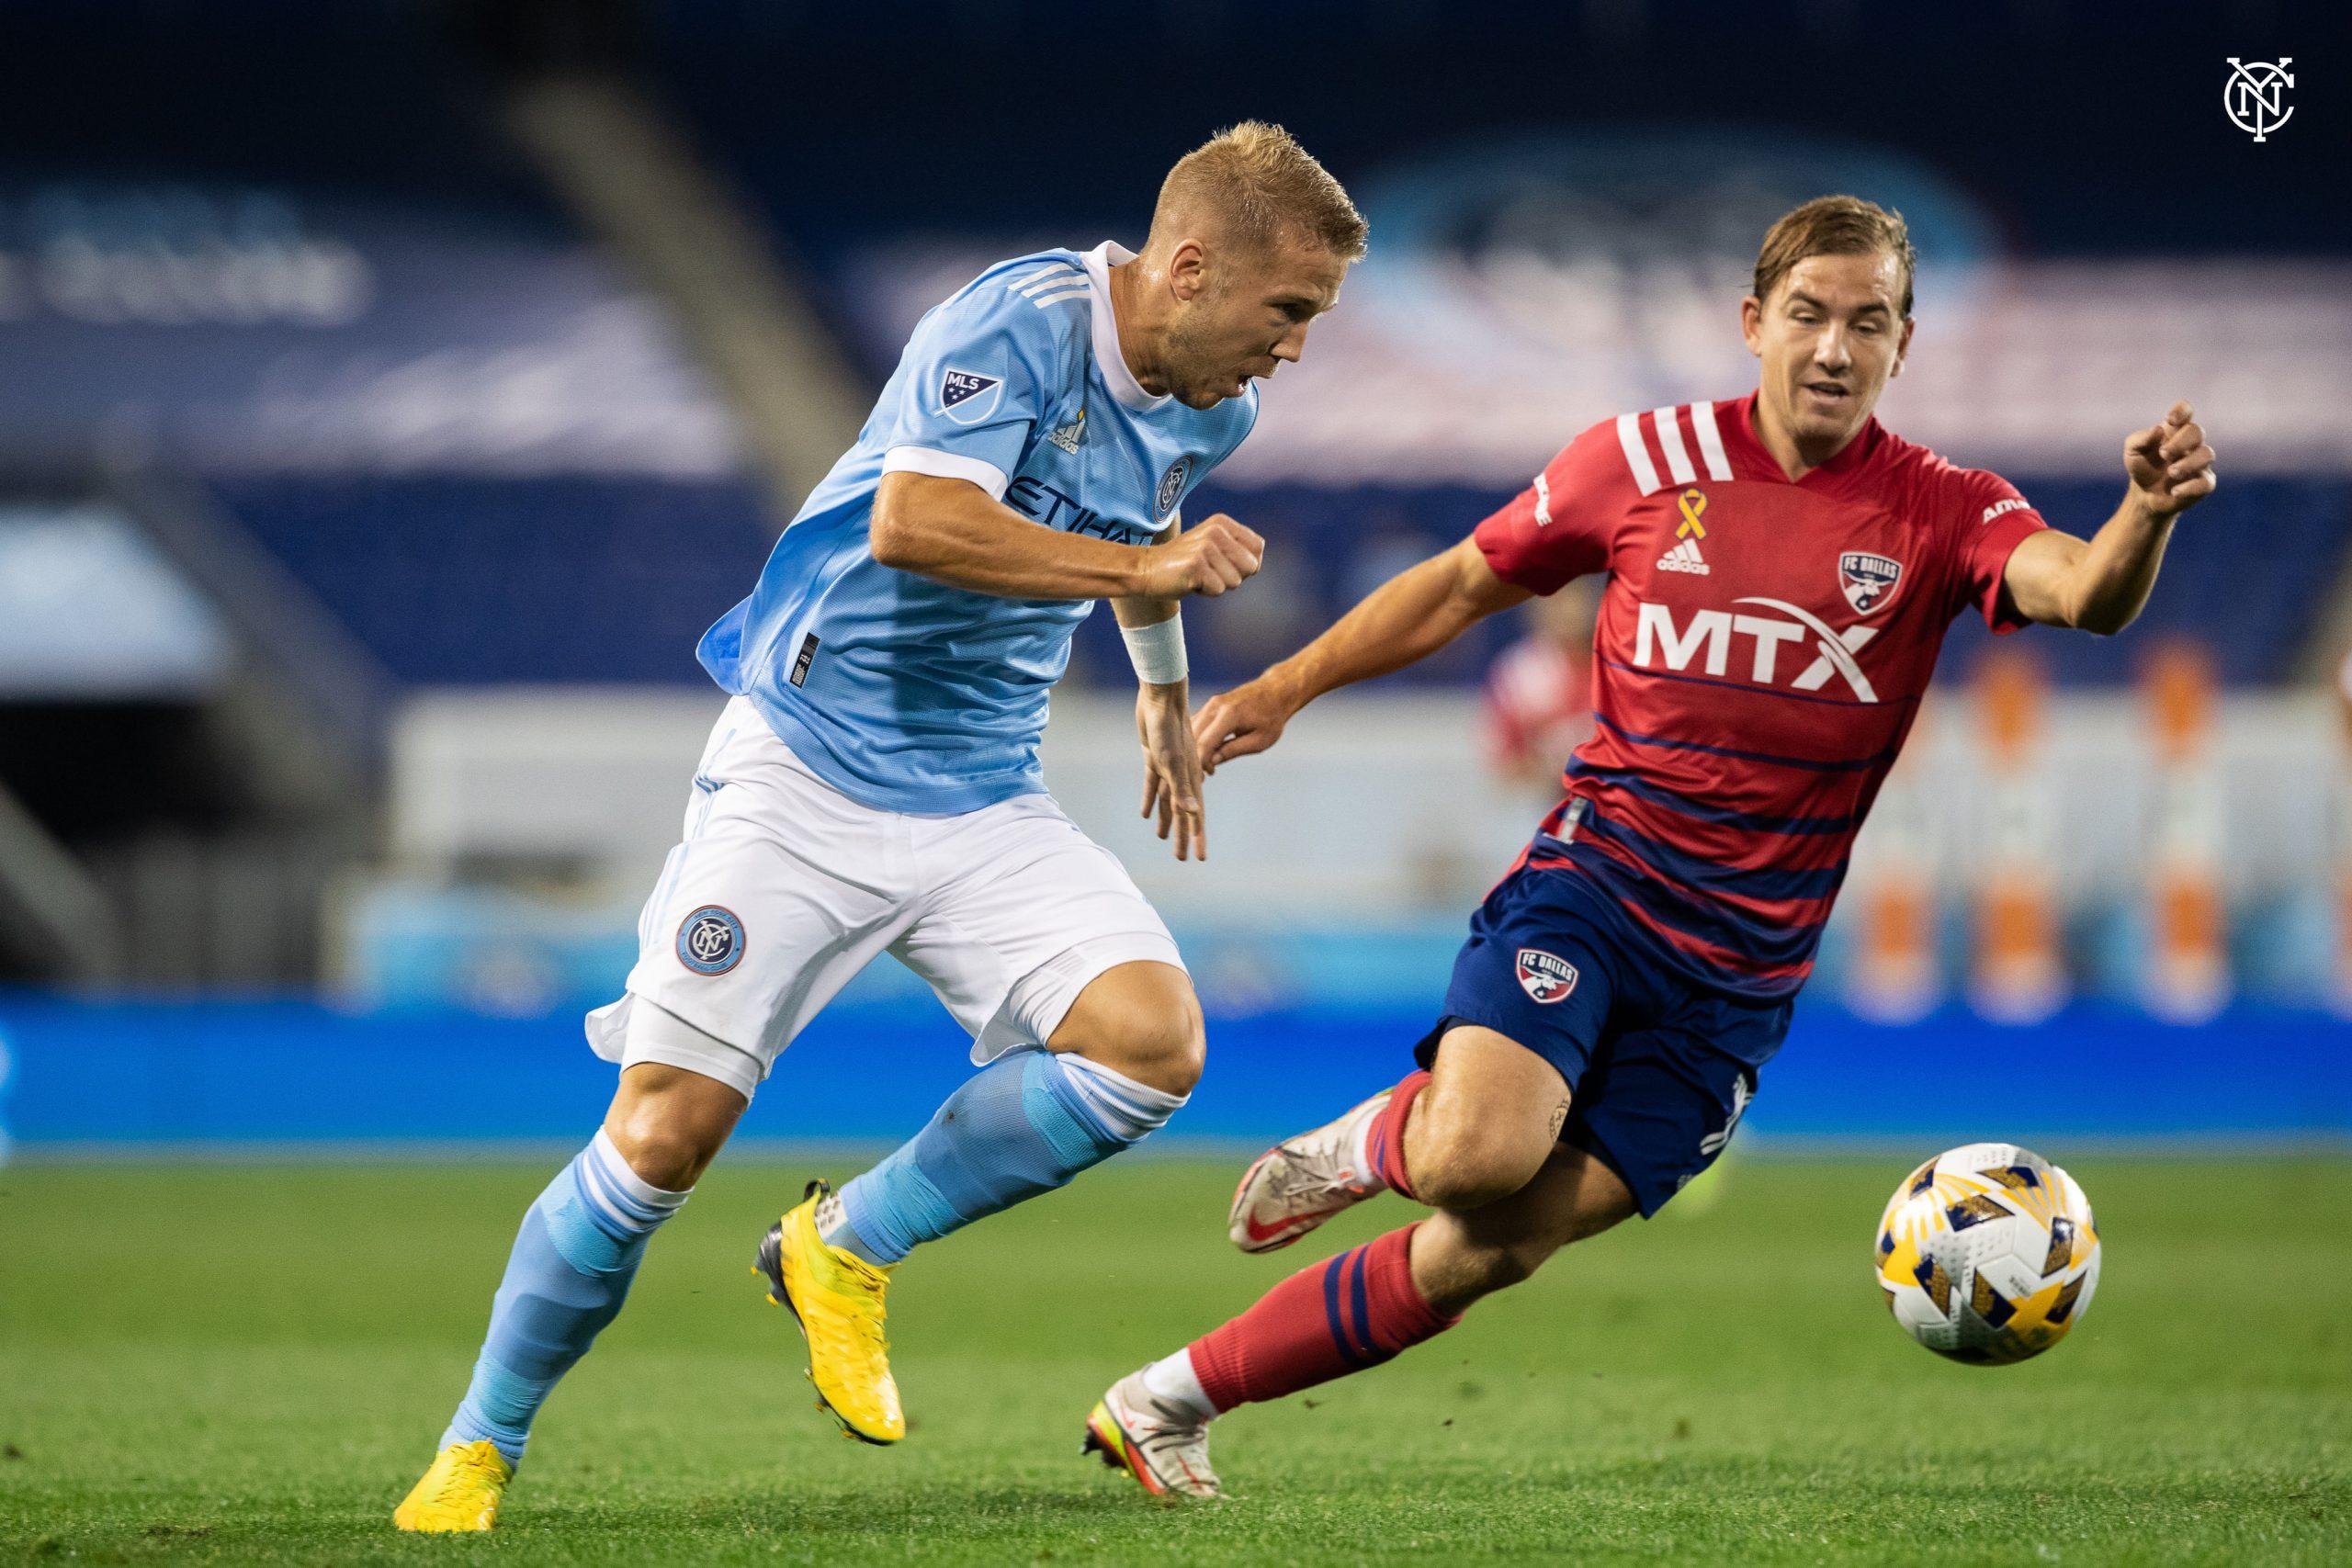 FC Dallas consiguió un valioso empate ante el New York City FC